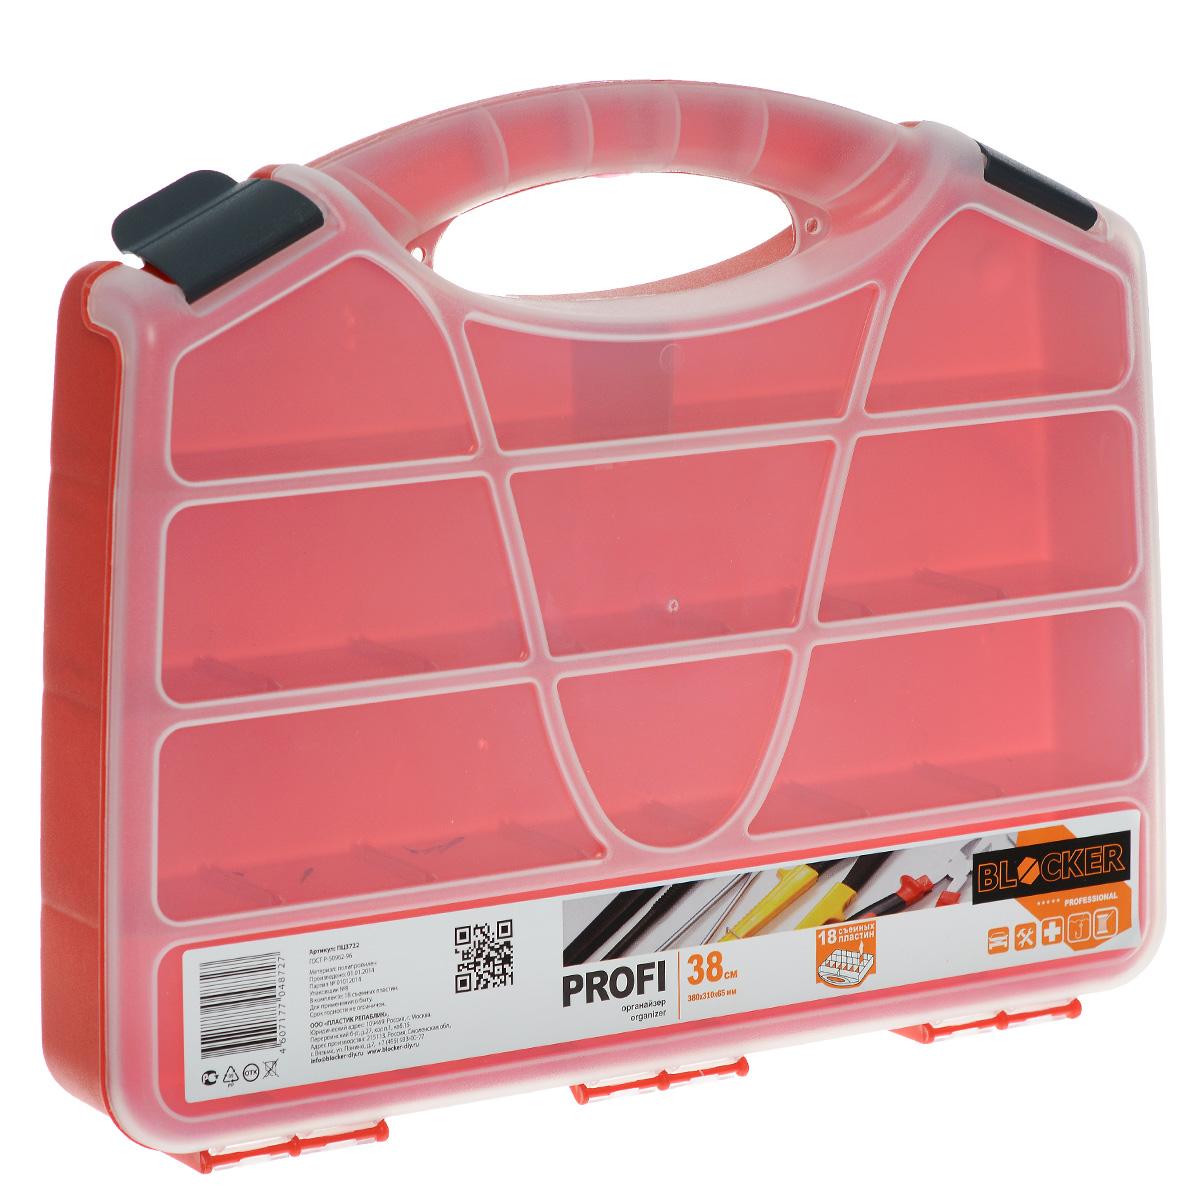 Органайзер Blocker Profi, со съемными перегородками, цвет: красный, прозрачный, серый, 38 х 31 х 6,5 см органайзер blocker hobby box цвет салатовый черный 29 5 х 18 х 9 см